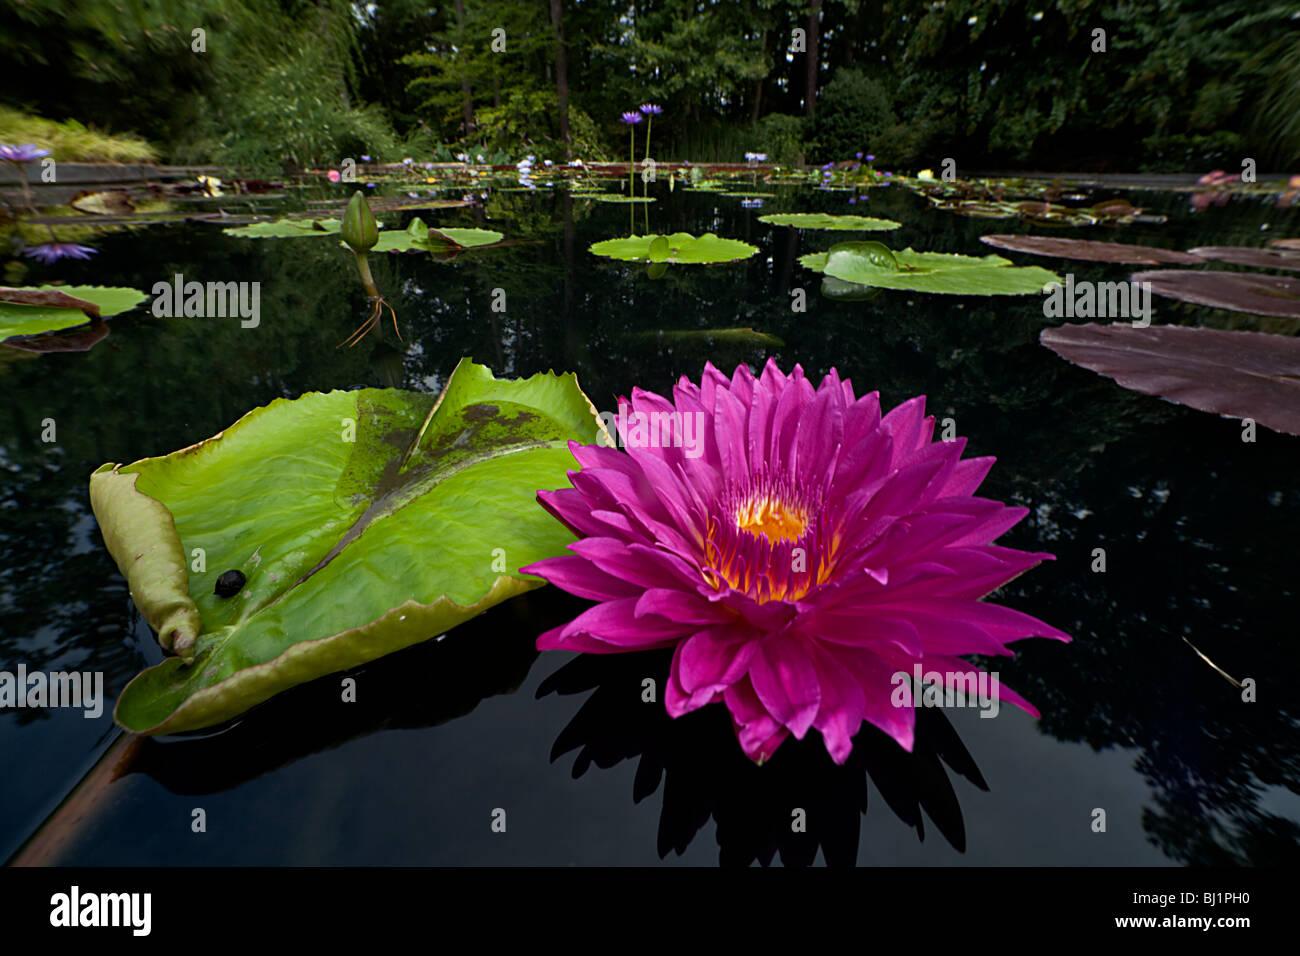 Liili pond - Stock Image